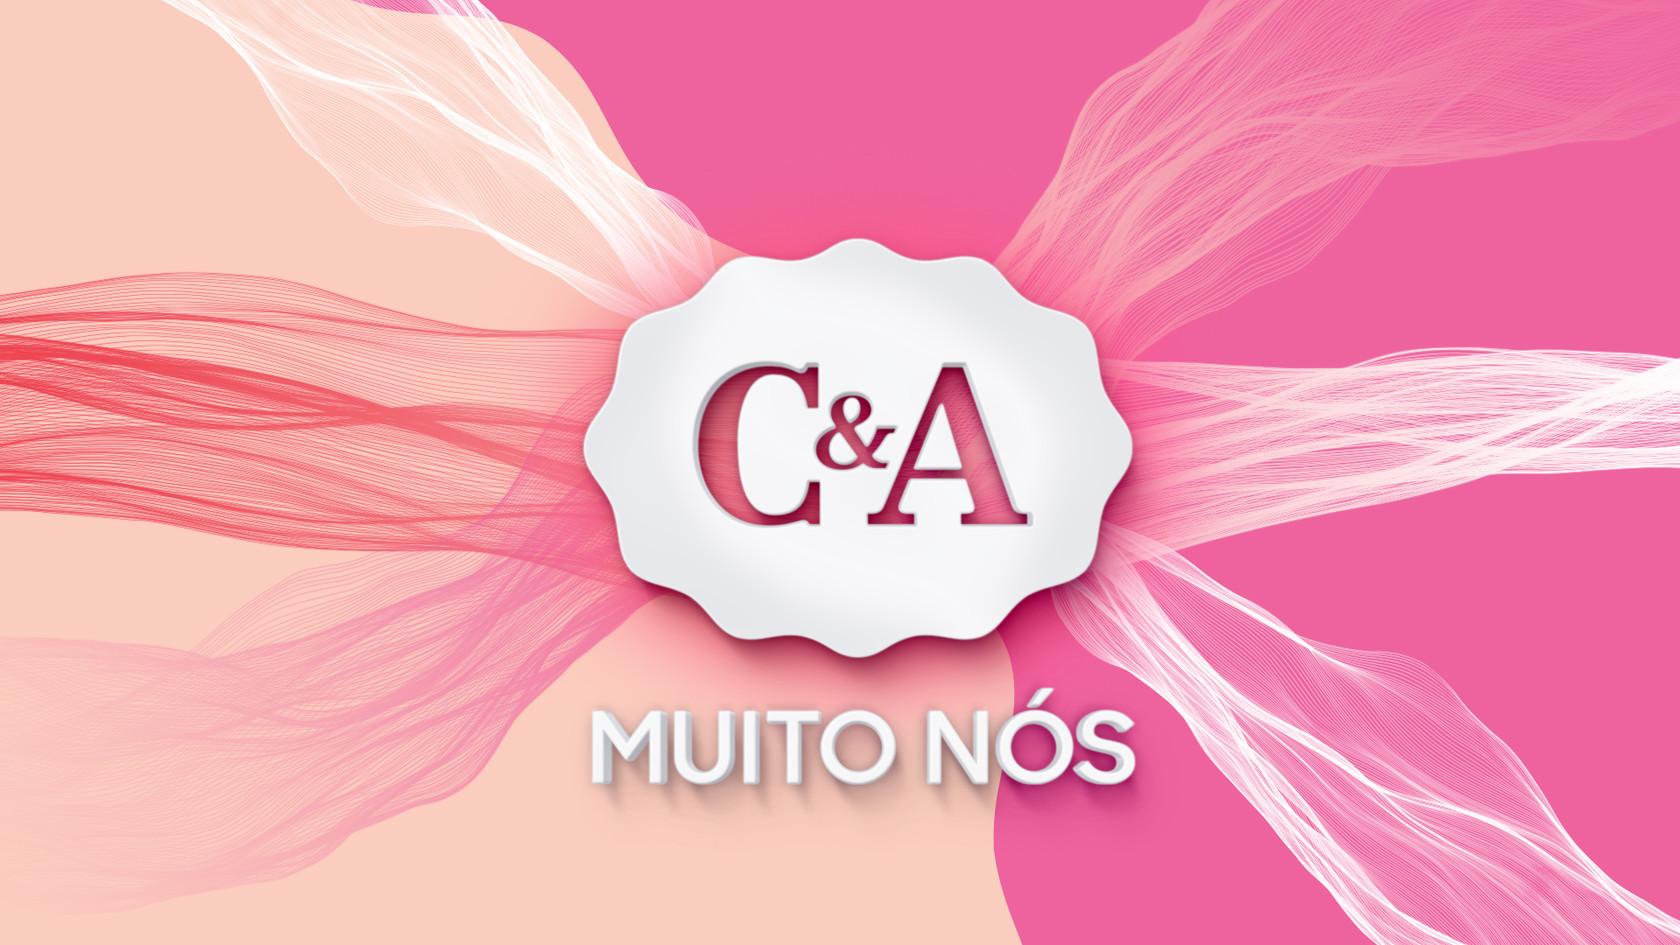 KV_MUITO_NOS_v4.jpg